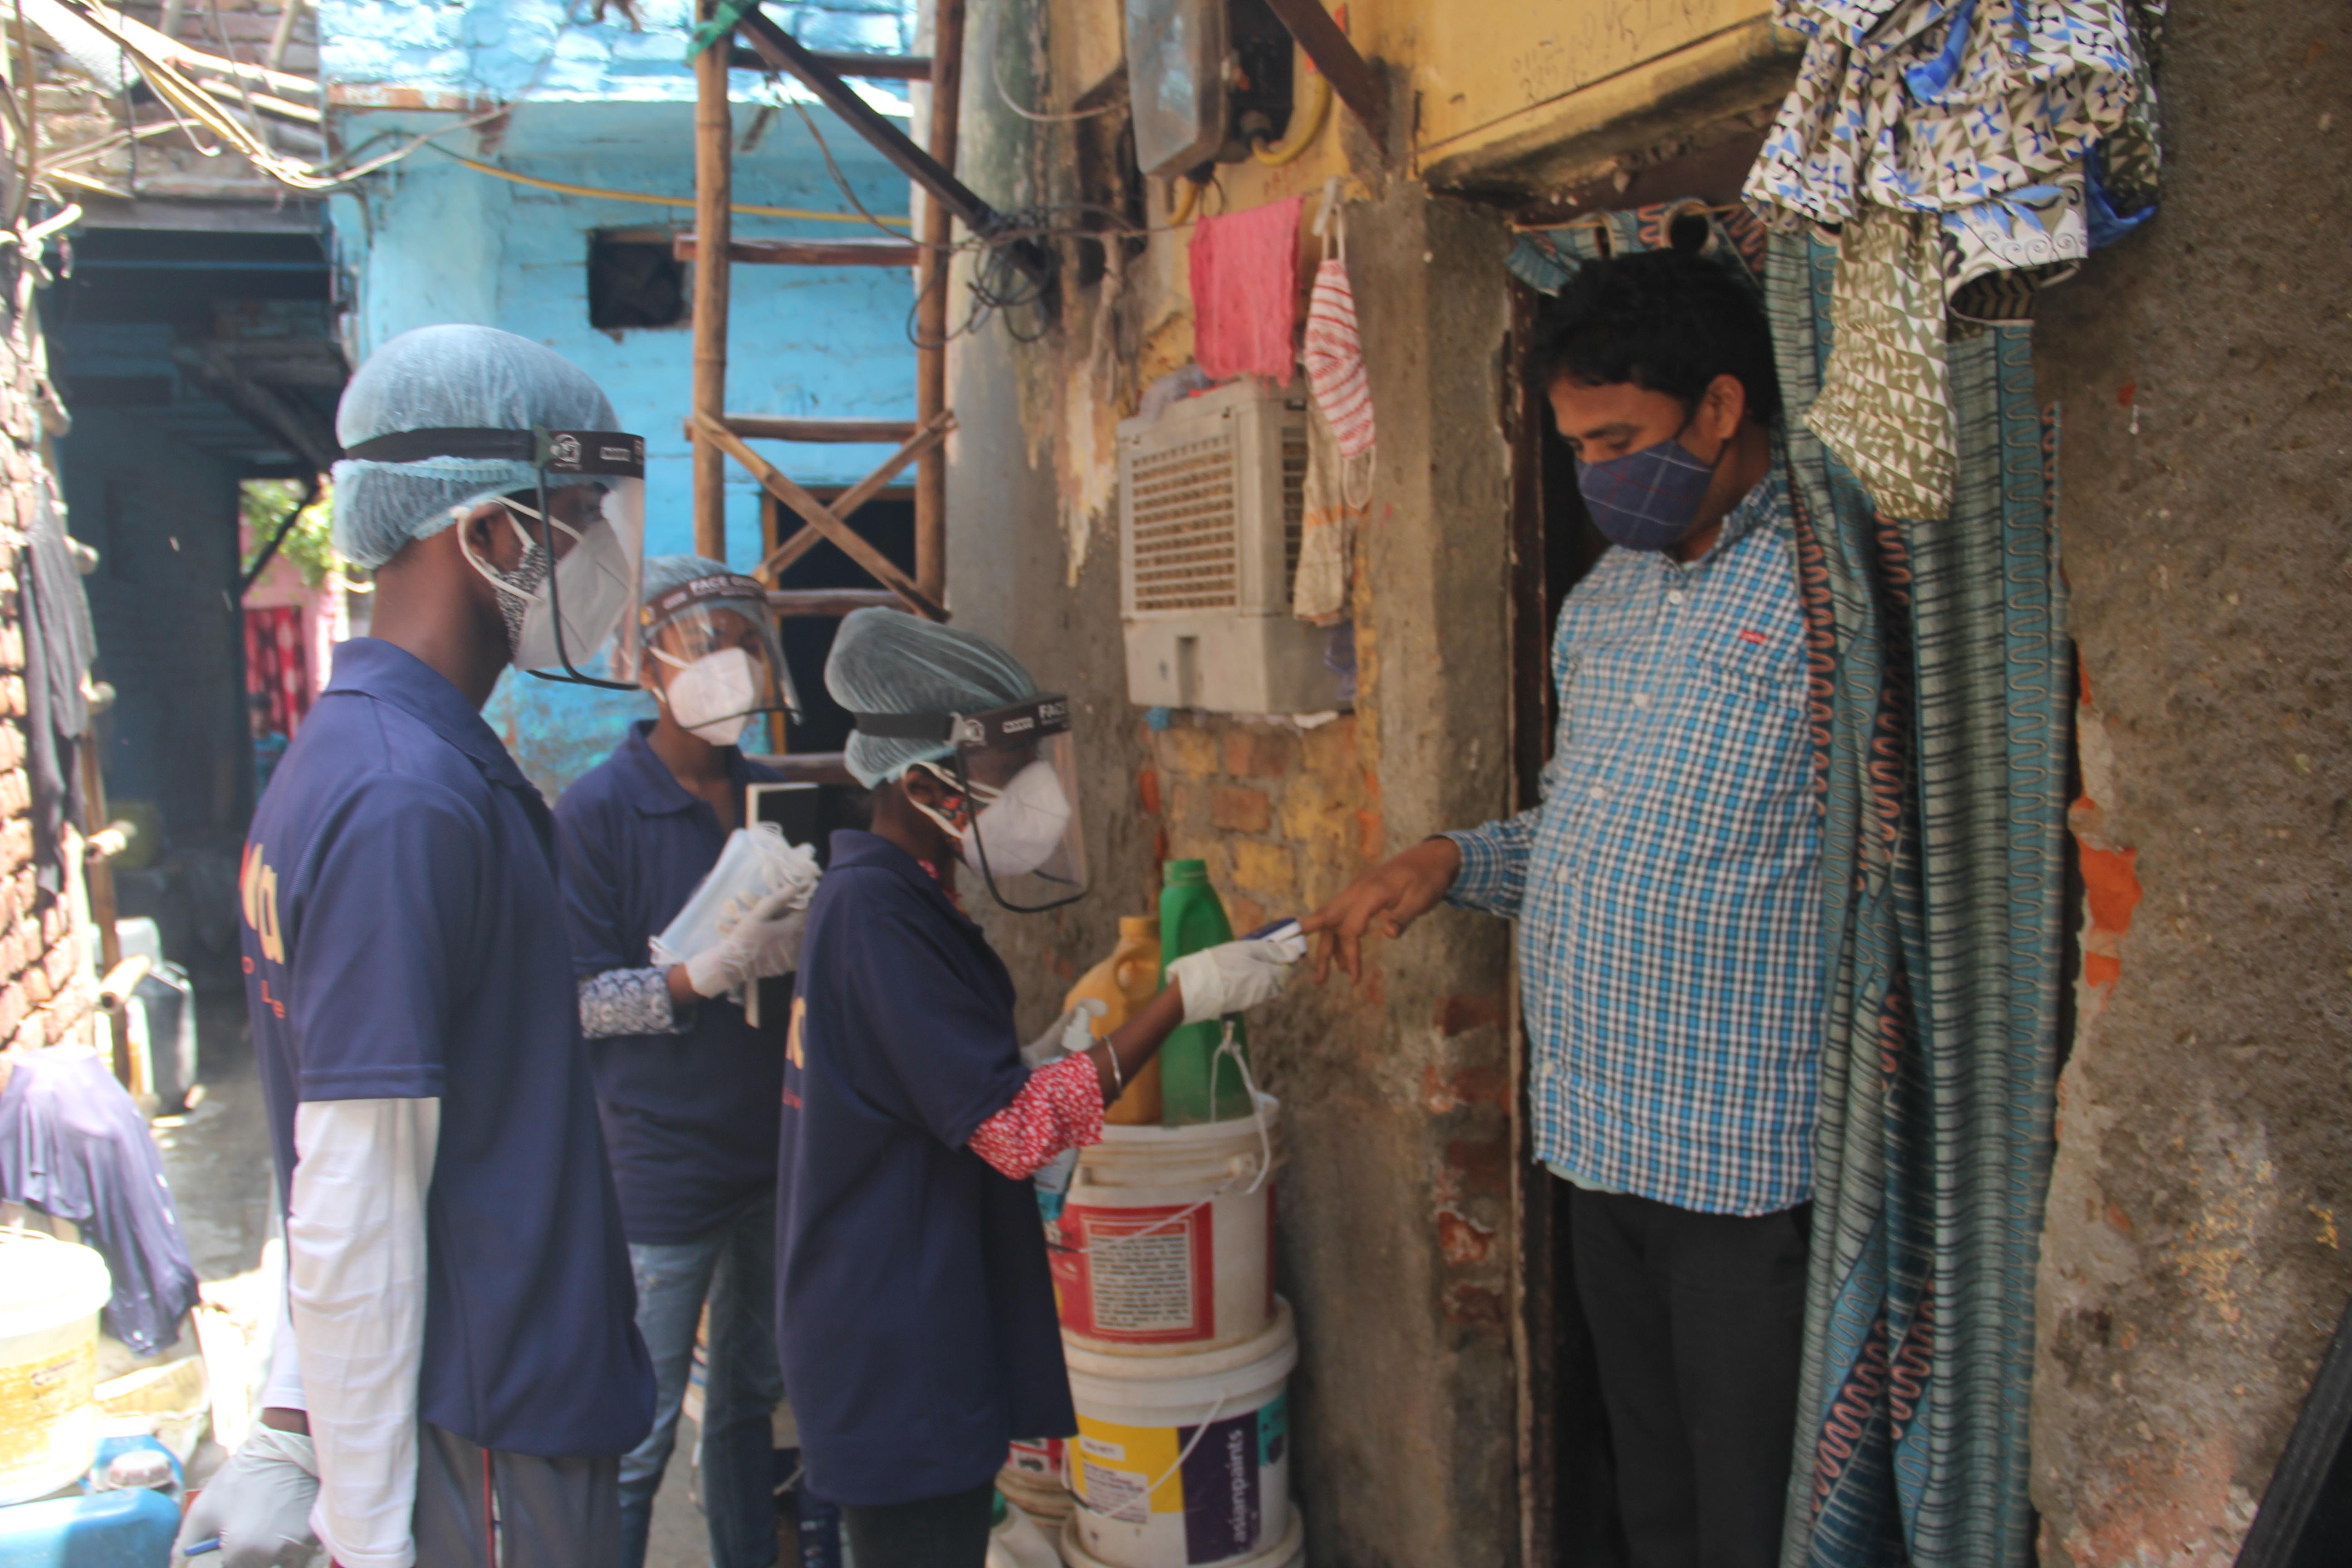 Guerreiros Asha testando o nível de oxigênio